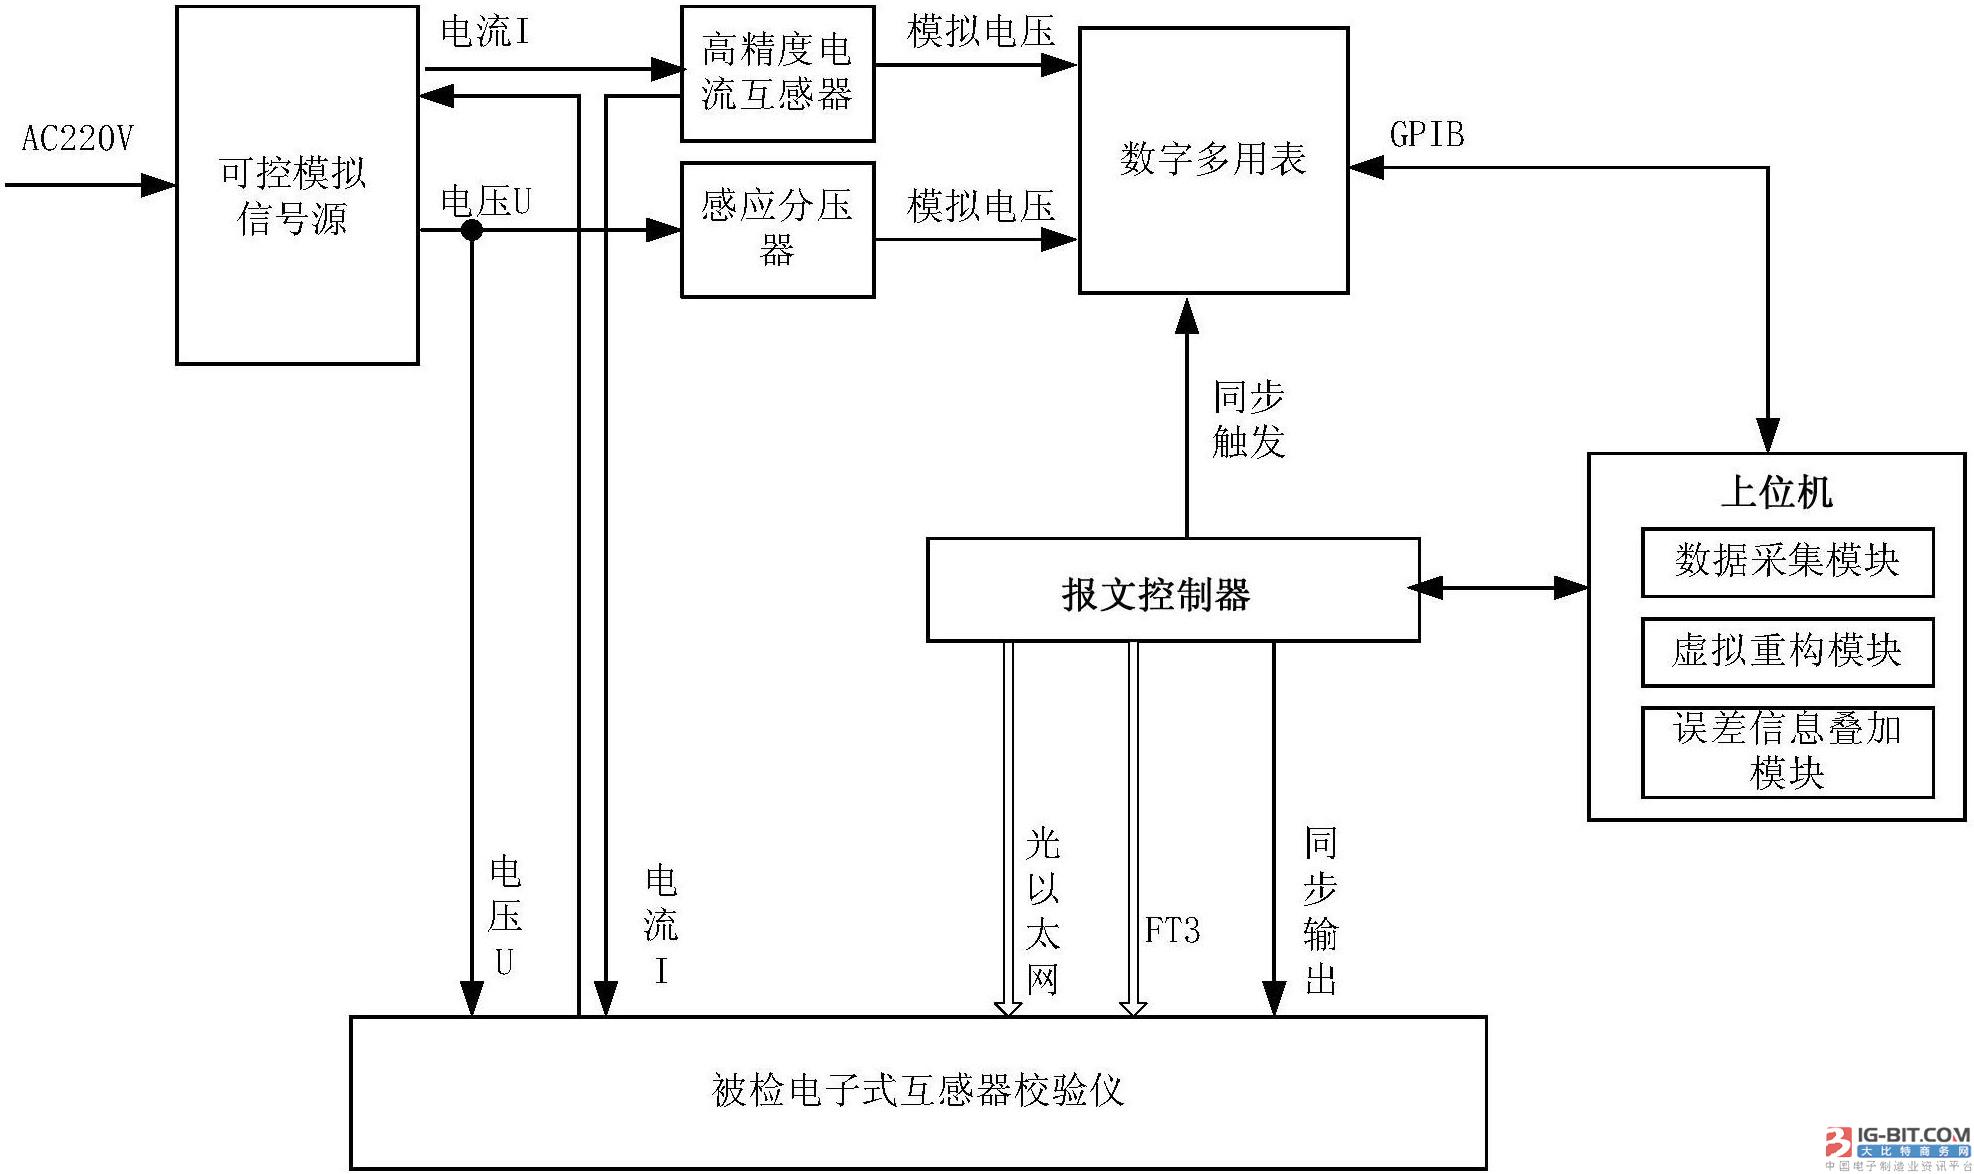 【仪表专利】电子式互感器校验仪溯源方法及系统